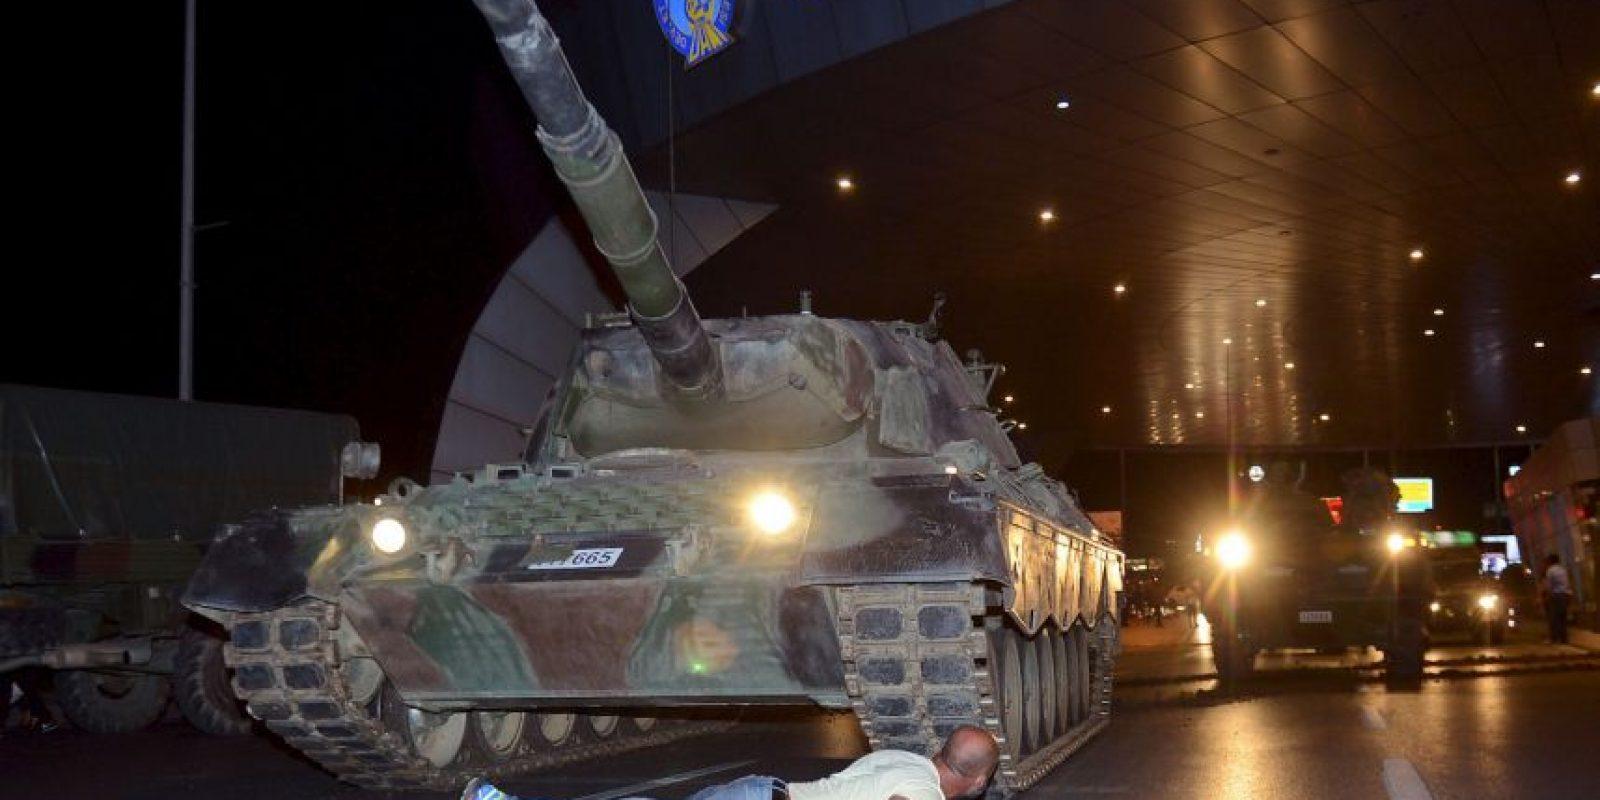 La foto muestra el nivel de protesta y resistencia ciudadana a la sublevación del Ejército Foto:AP. Imagen Por: